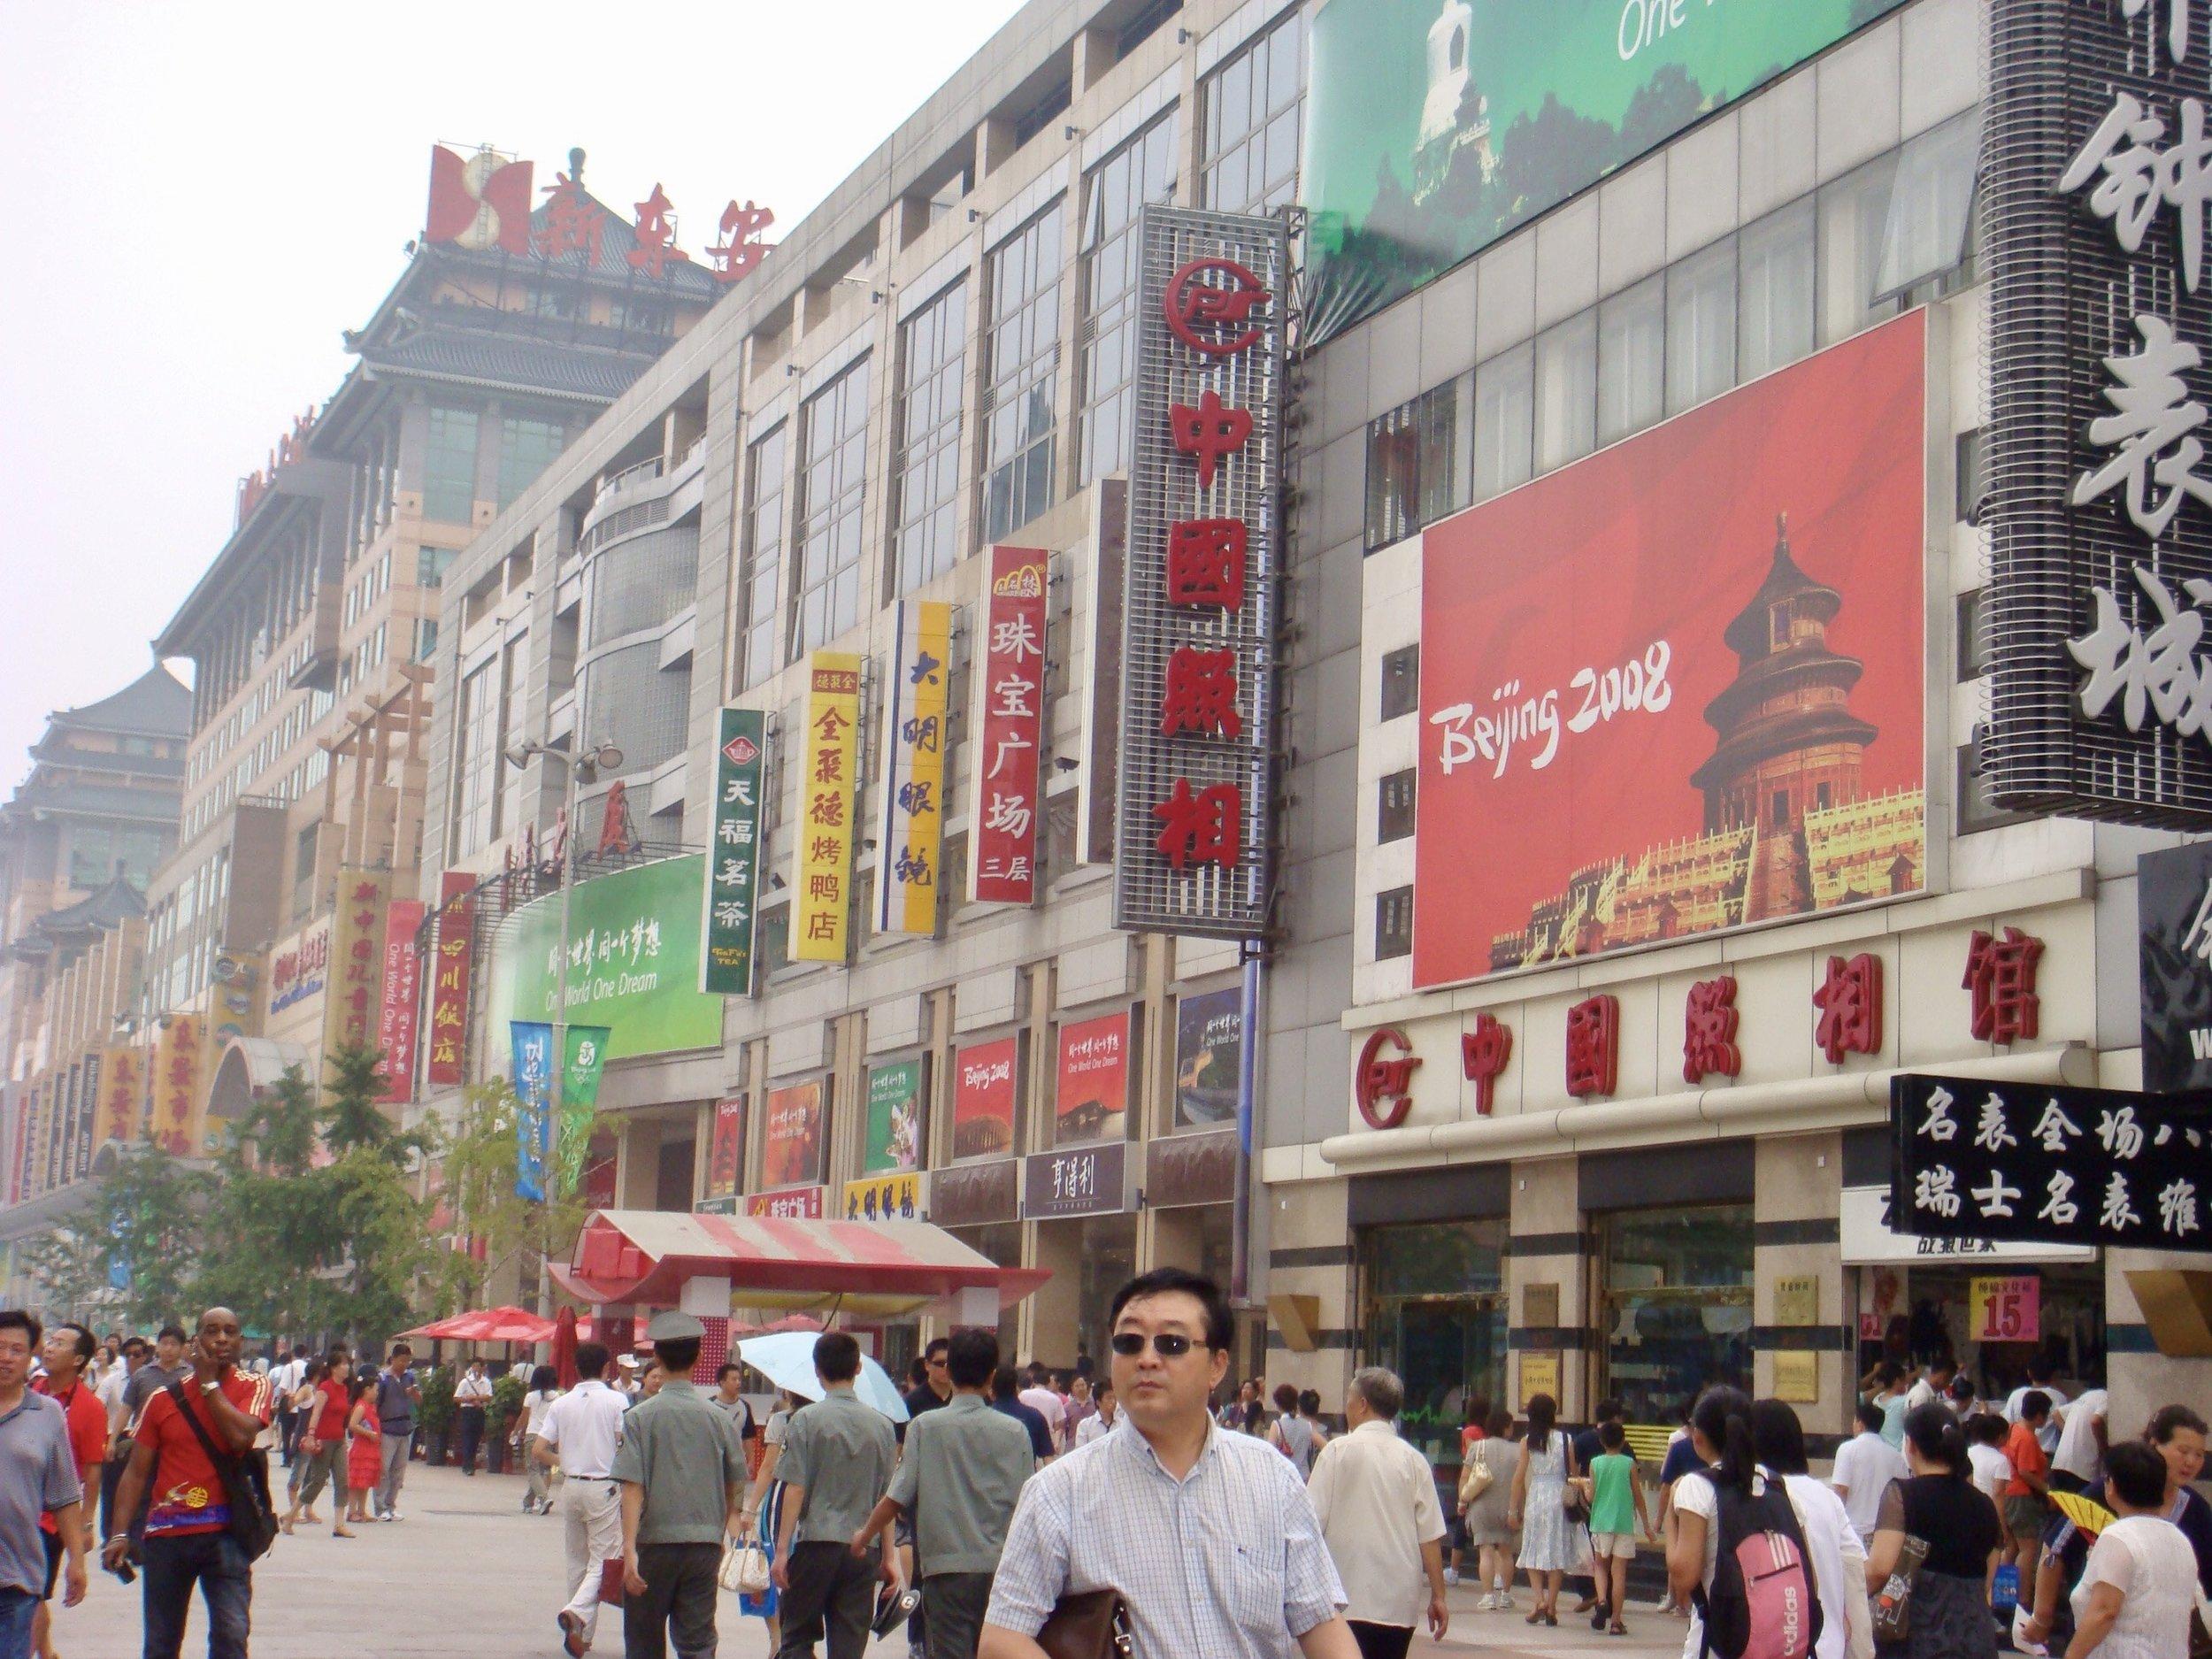 Beijing 2008 -